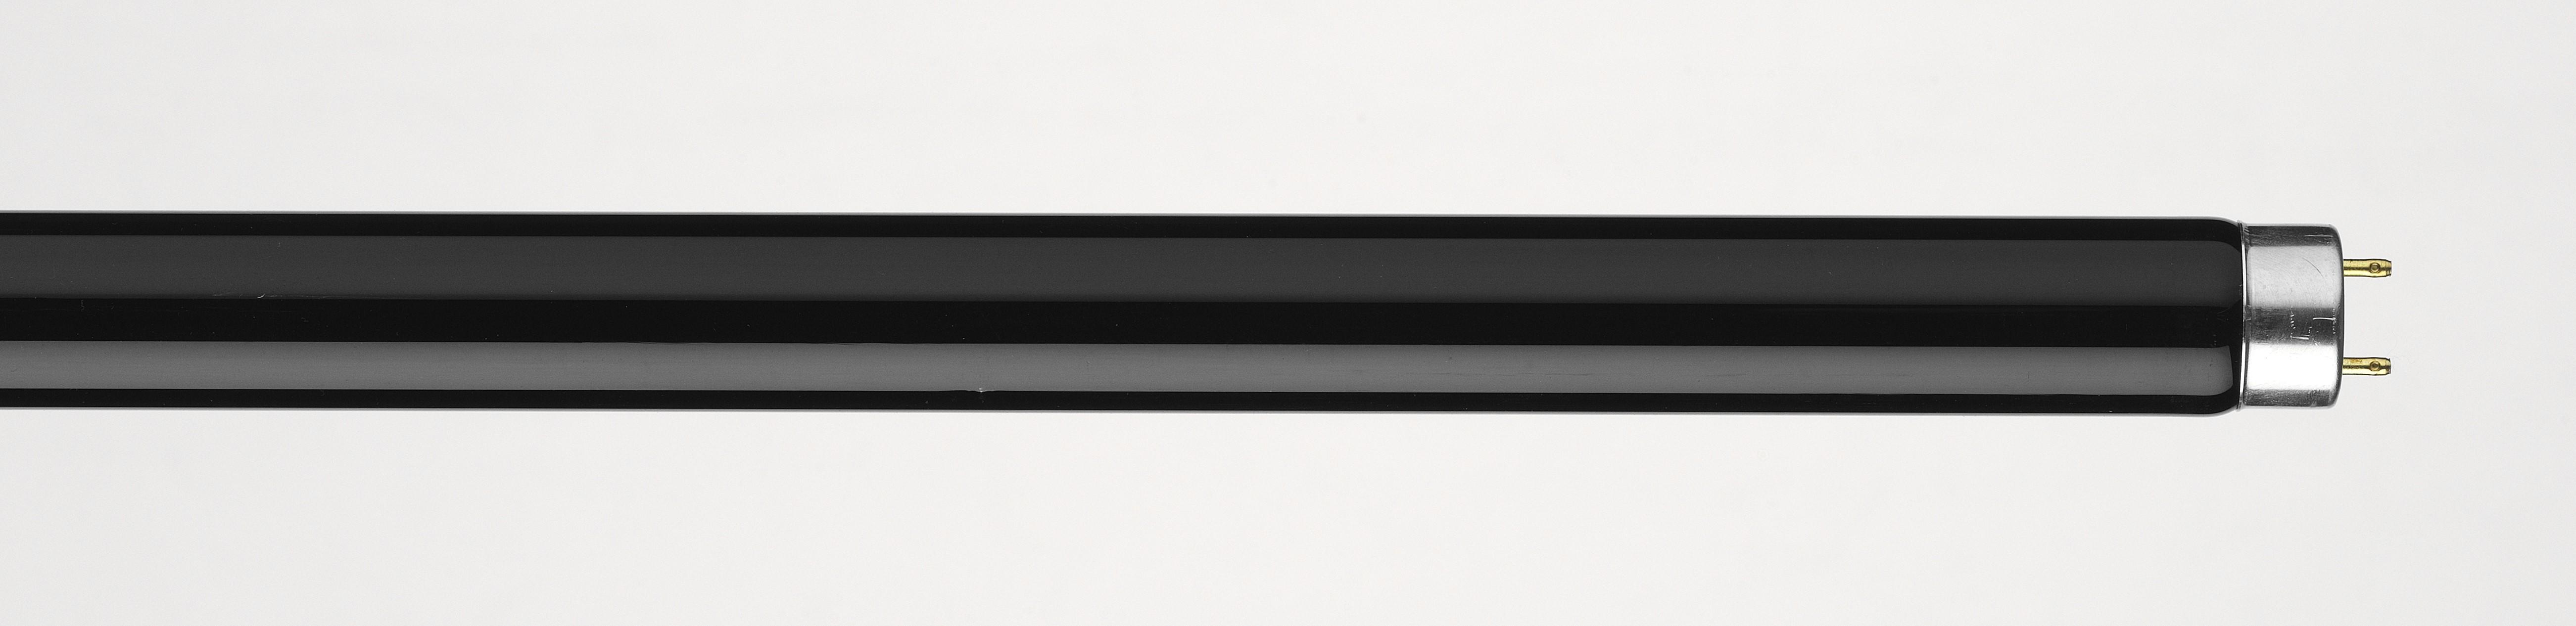 Lampada-UV-luce-nera Schöne Was ist Eine Lampe Dekorationen